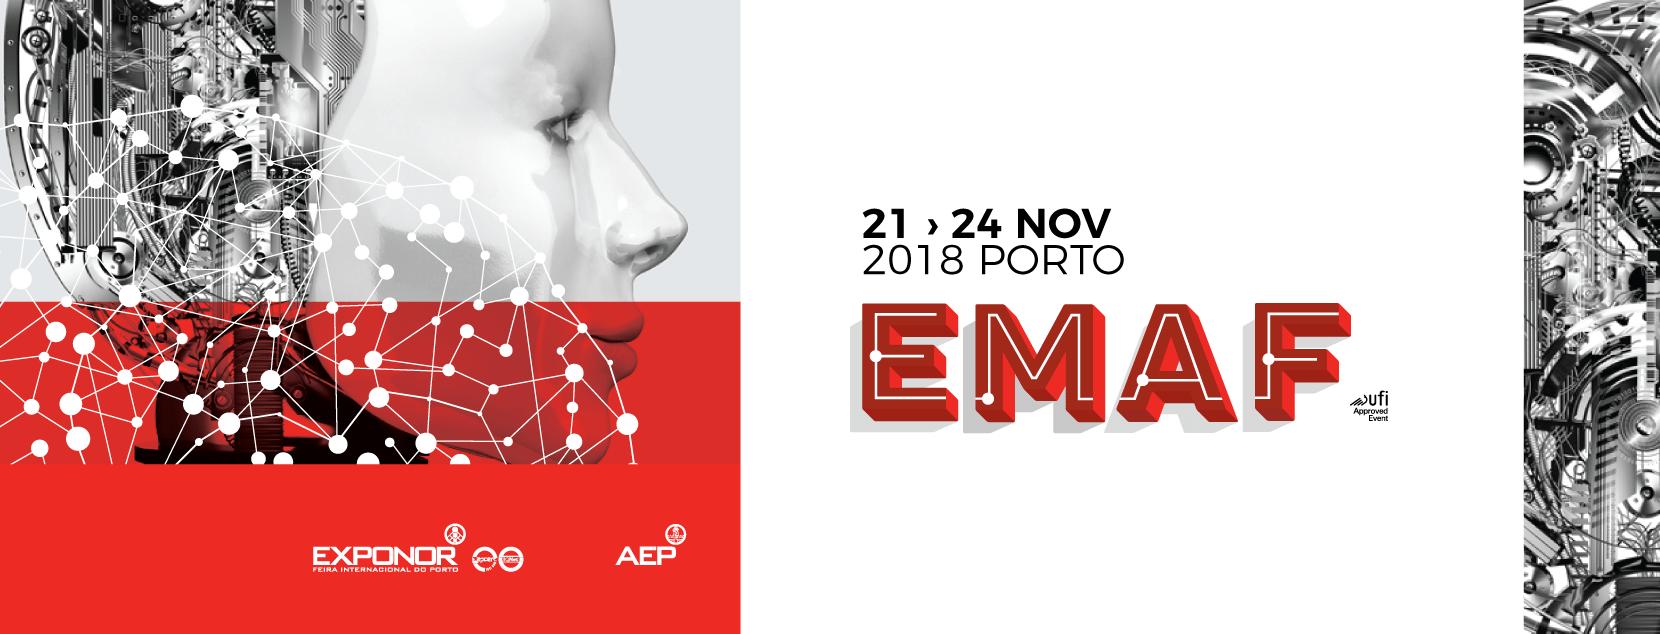 O maior evento português do setor industrial regressa para renovar a sua aposta na internacionalização de tecnologias, na inovação da indústria e no conhecimento técnico especializado.